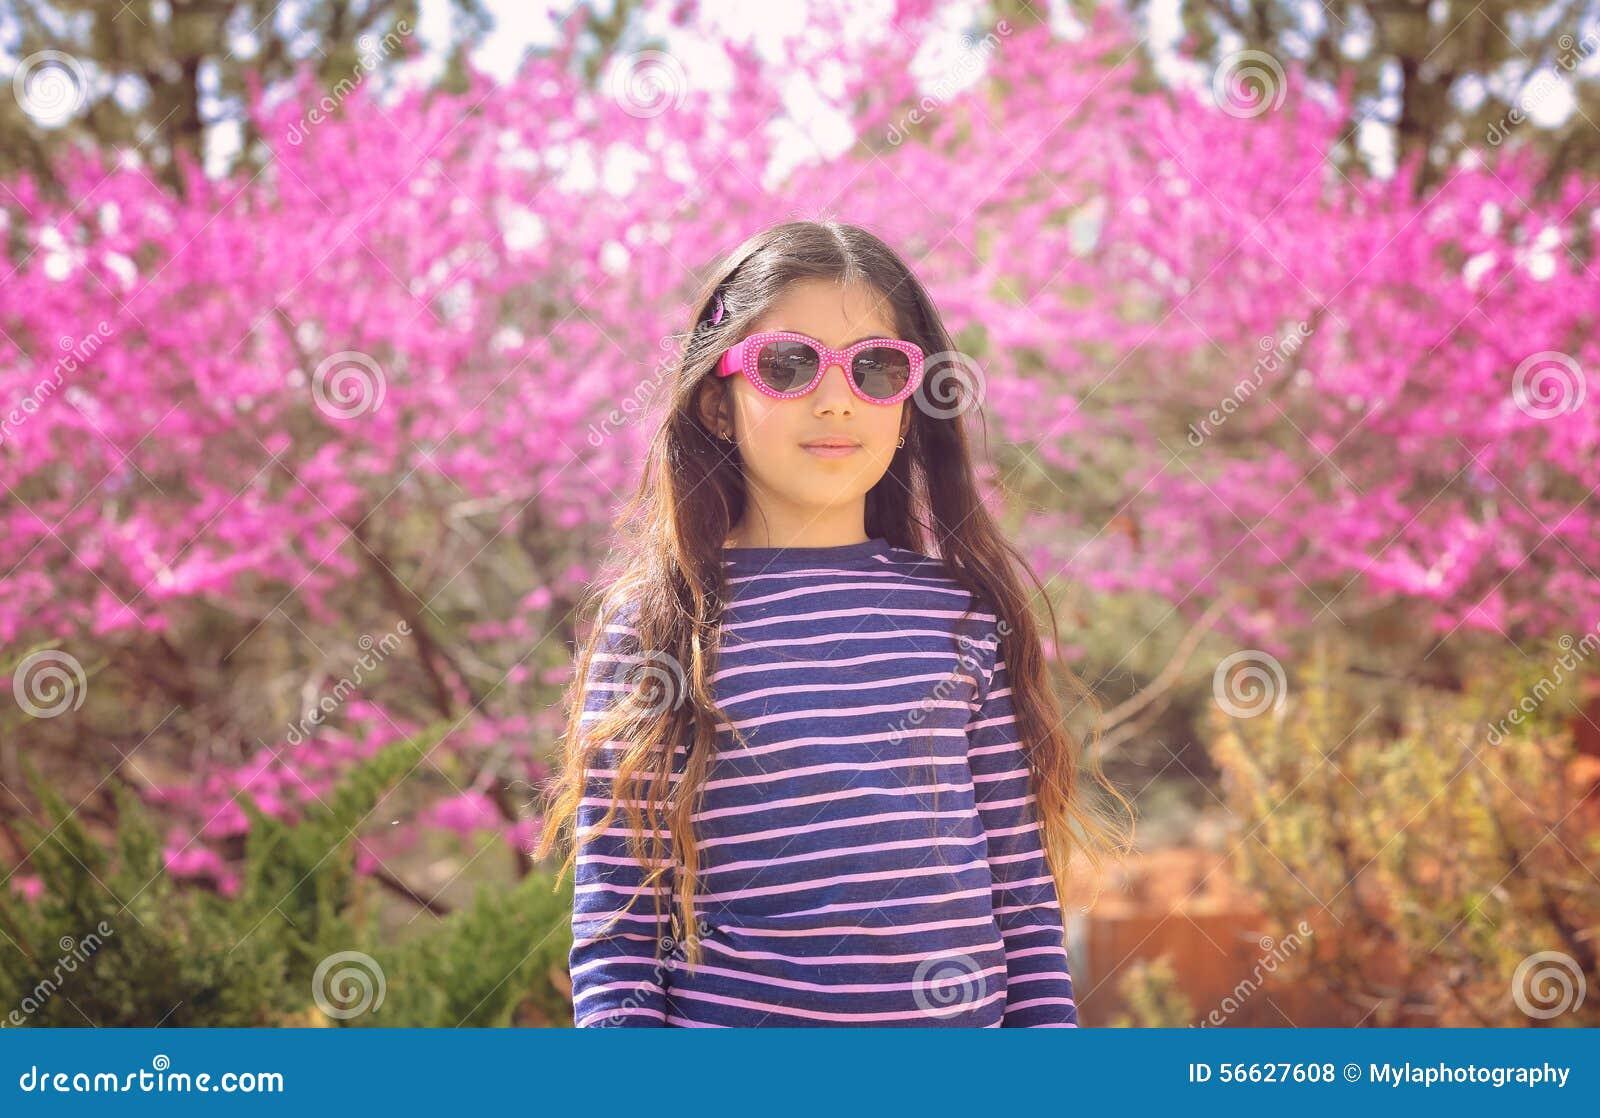 De lente roze bloesems